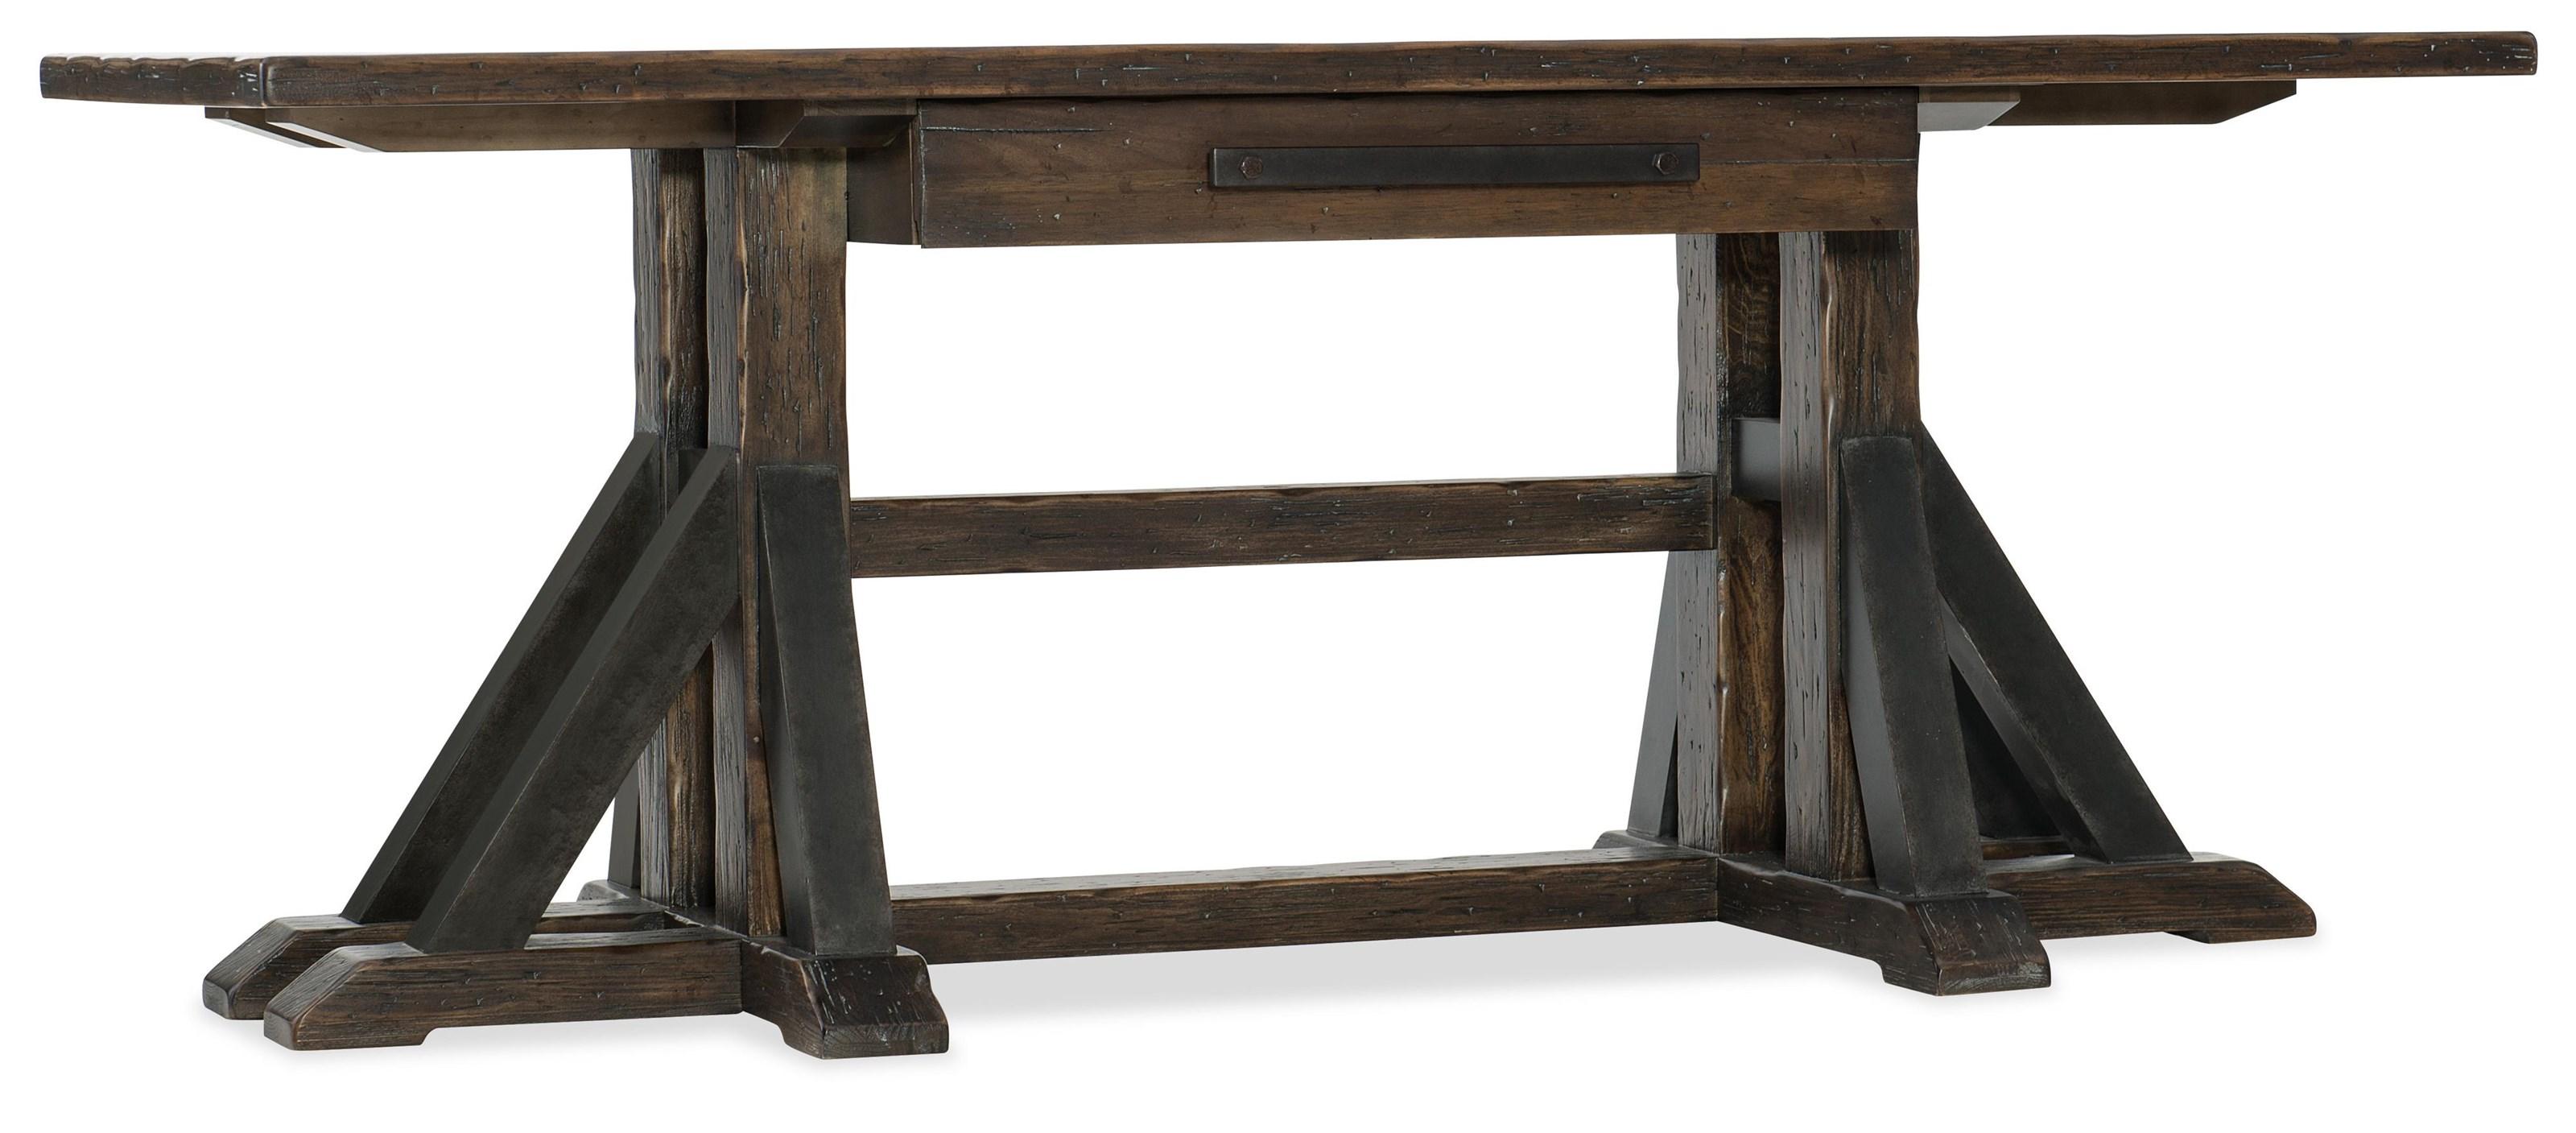 Hooker Furniture 1618-American Life Desk - Item Number: 1618-10459-DKW